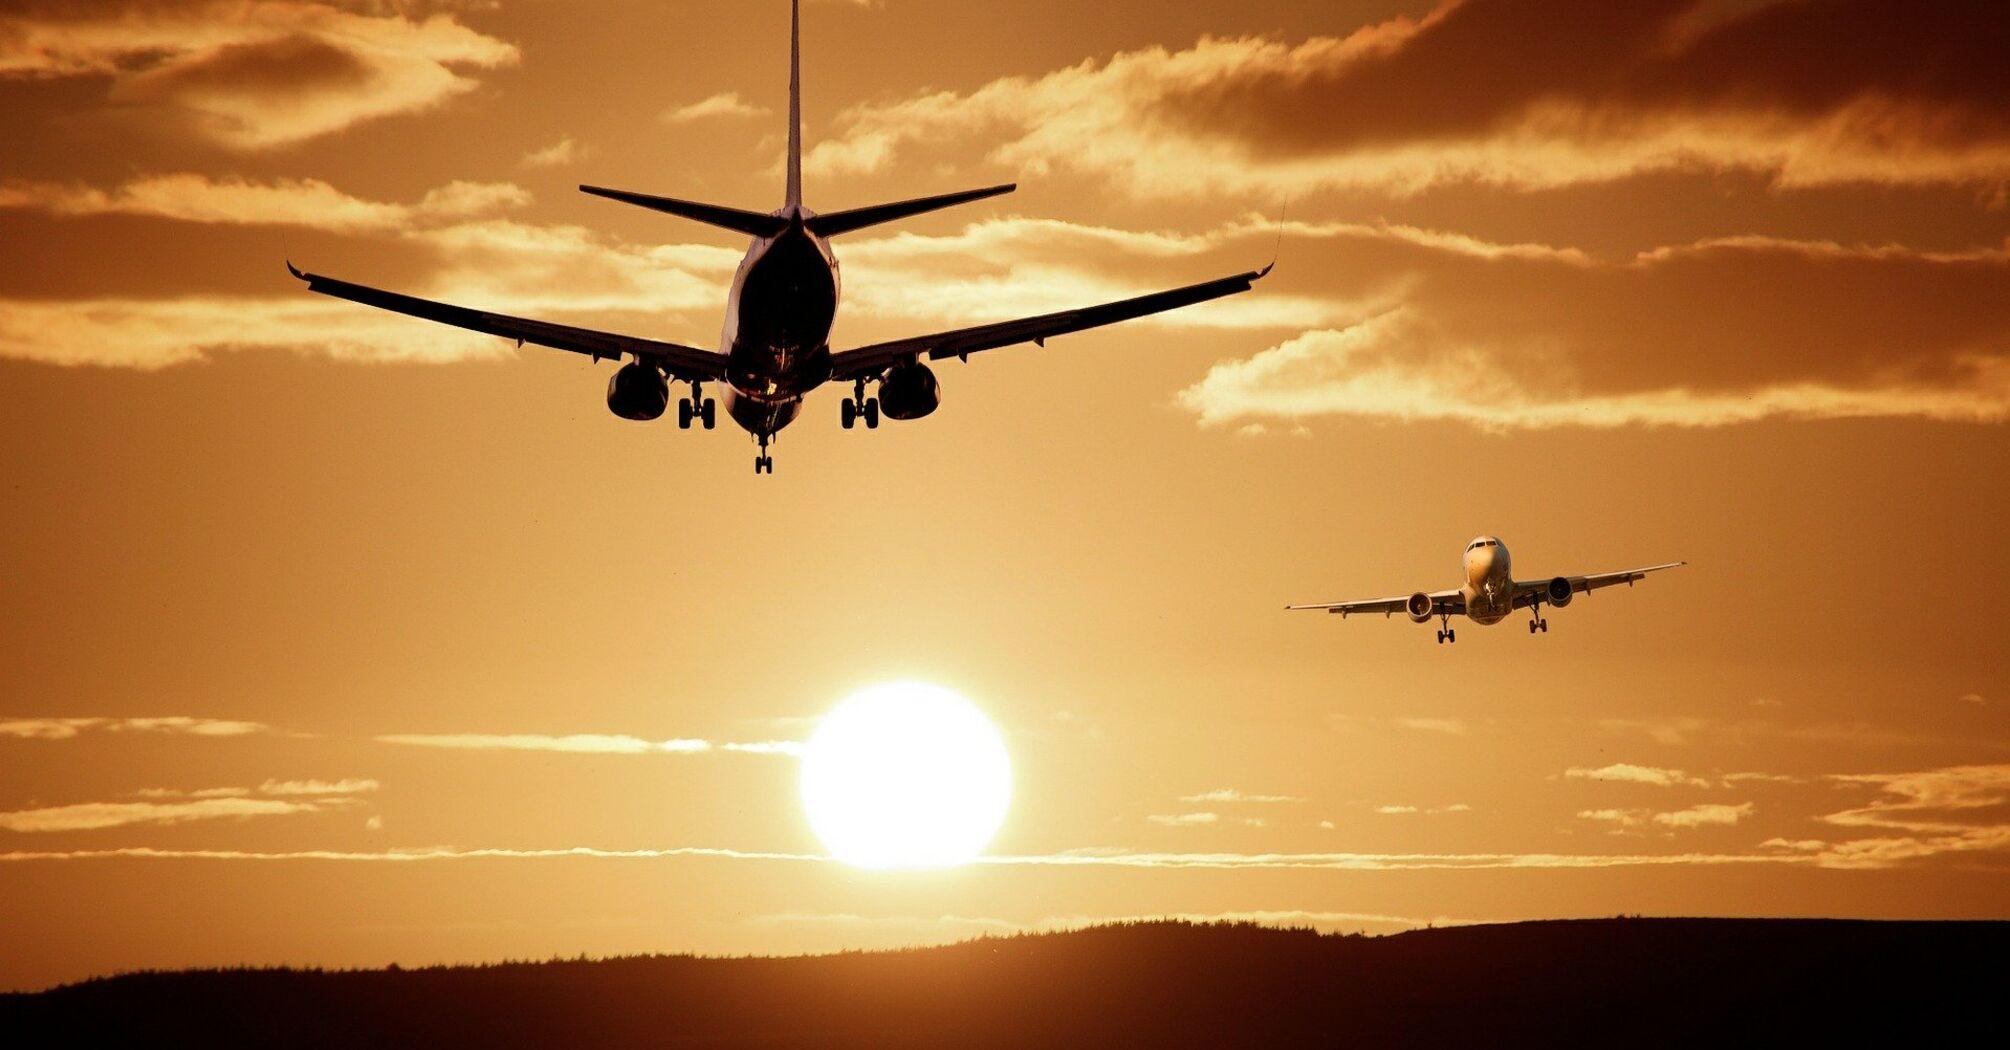 У МЗС назвали країни, з якими у першу чергу може відновитися авіасполучення